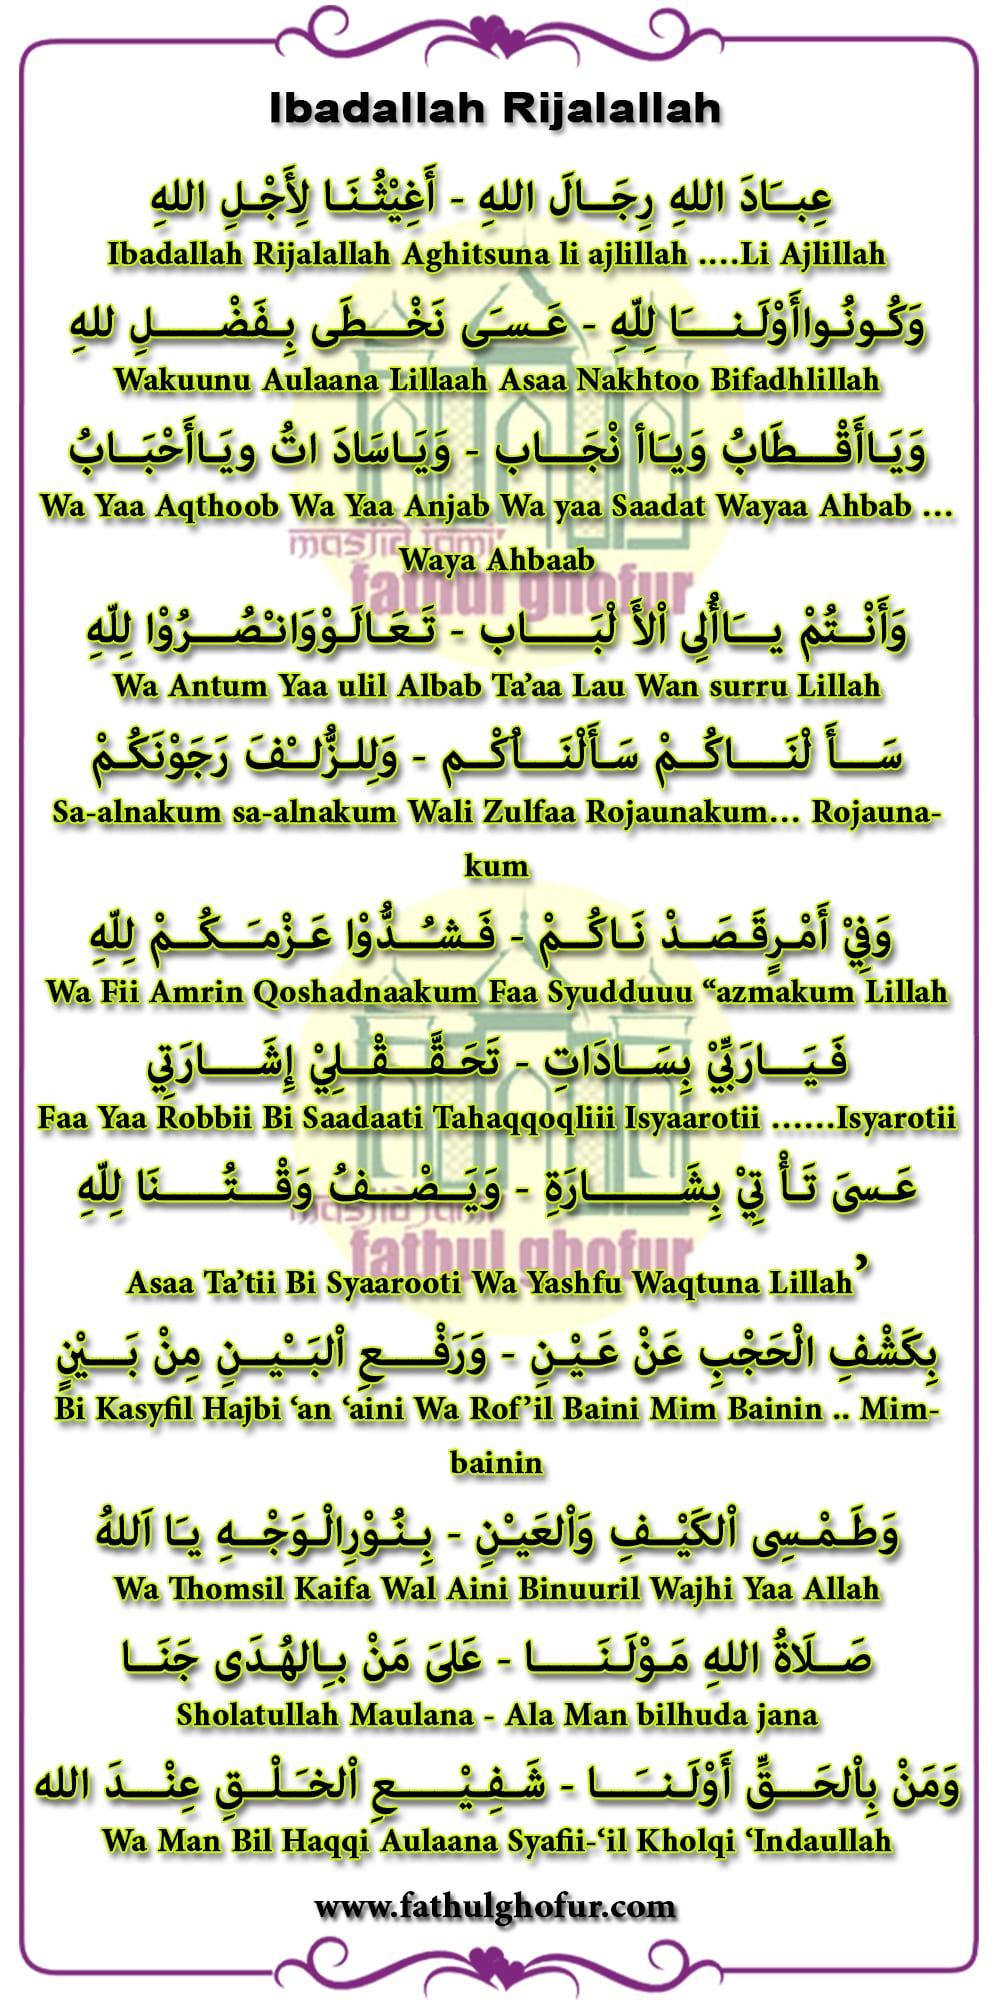 Lirik-Ibadallah-Rijalallah-1